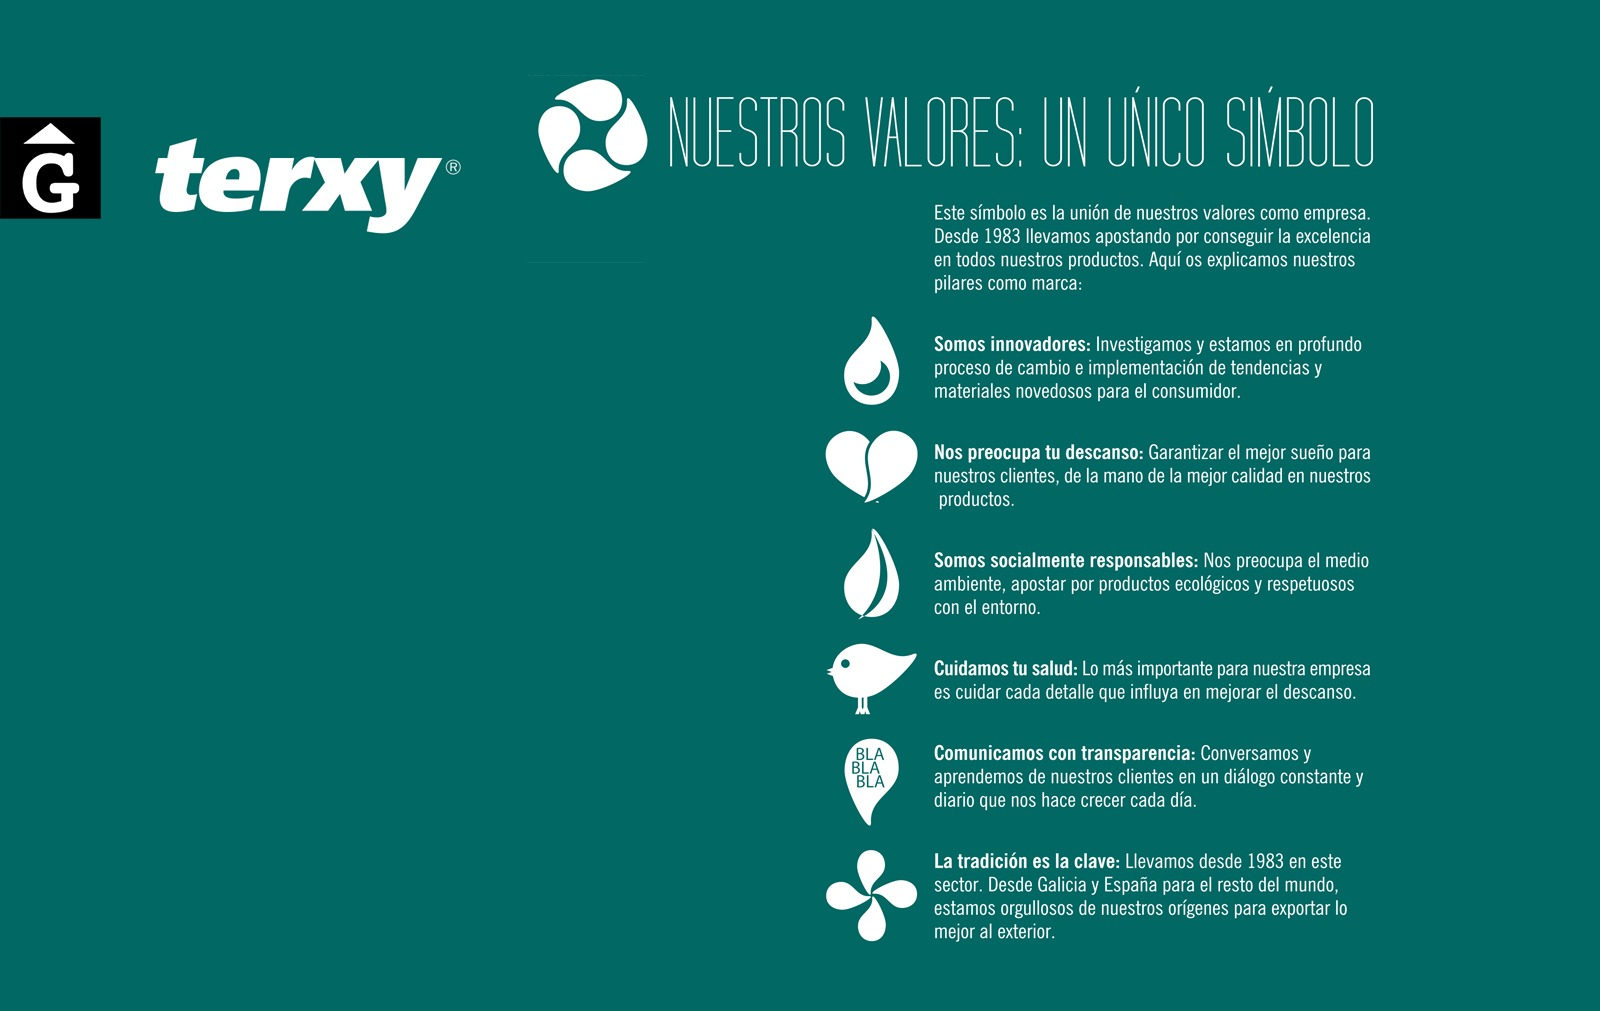 2-terxy-by-mobles-gifreu-girona-fabricants-de-somnis-matalas-matalassos-somier-somiers-coixi-coixins-de-qualitat-realitazats-amb-els-cinc-sentits